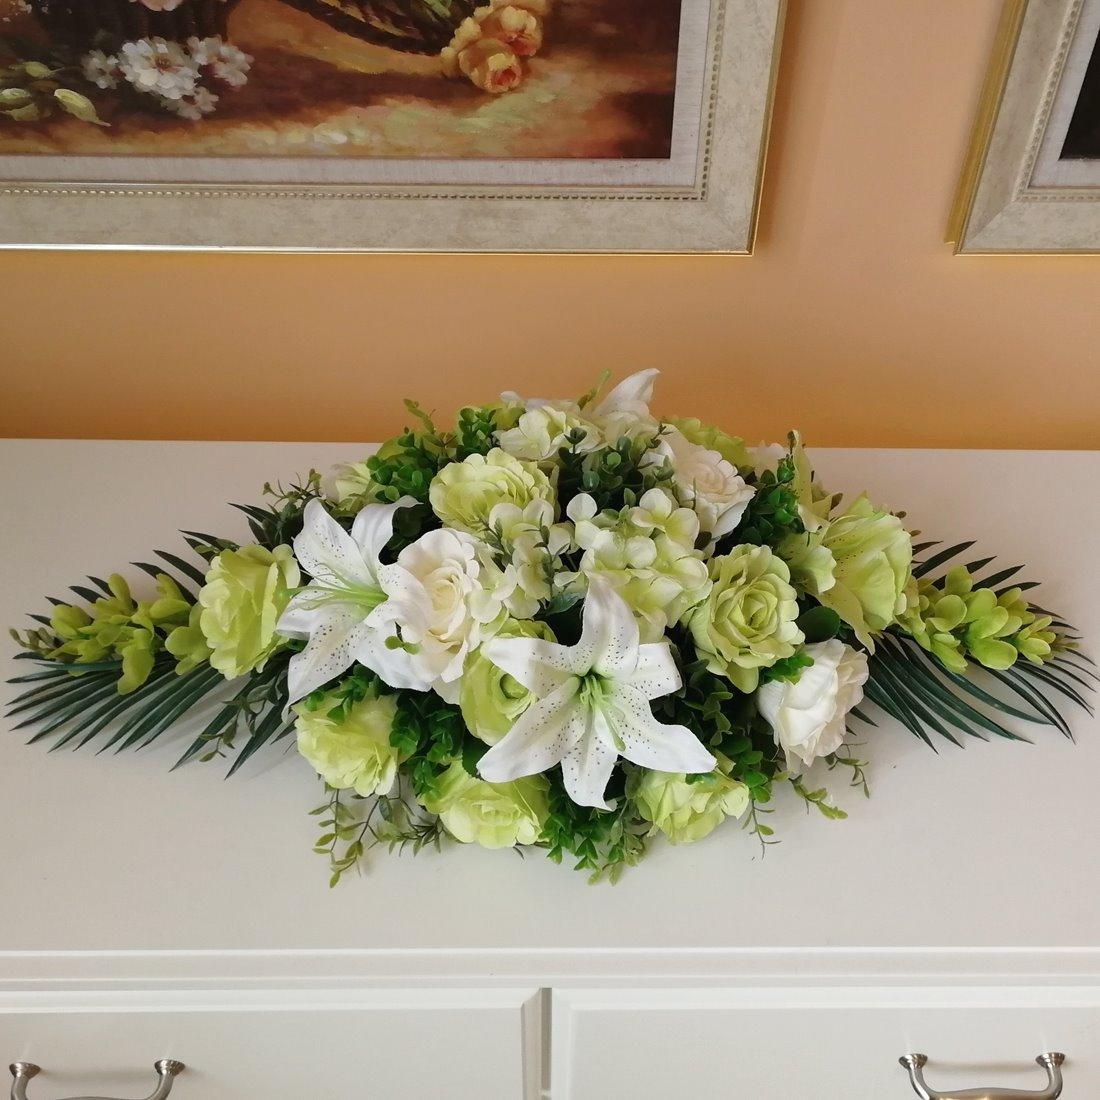 Mẫu hoa để bàn hội nghị nên chọn hoa có màu sắc tươi tắn, trang nhã